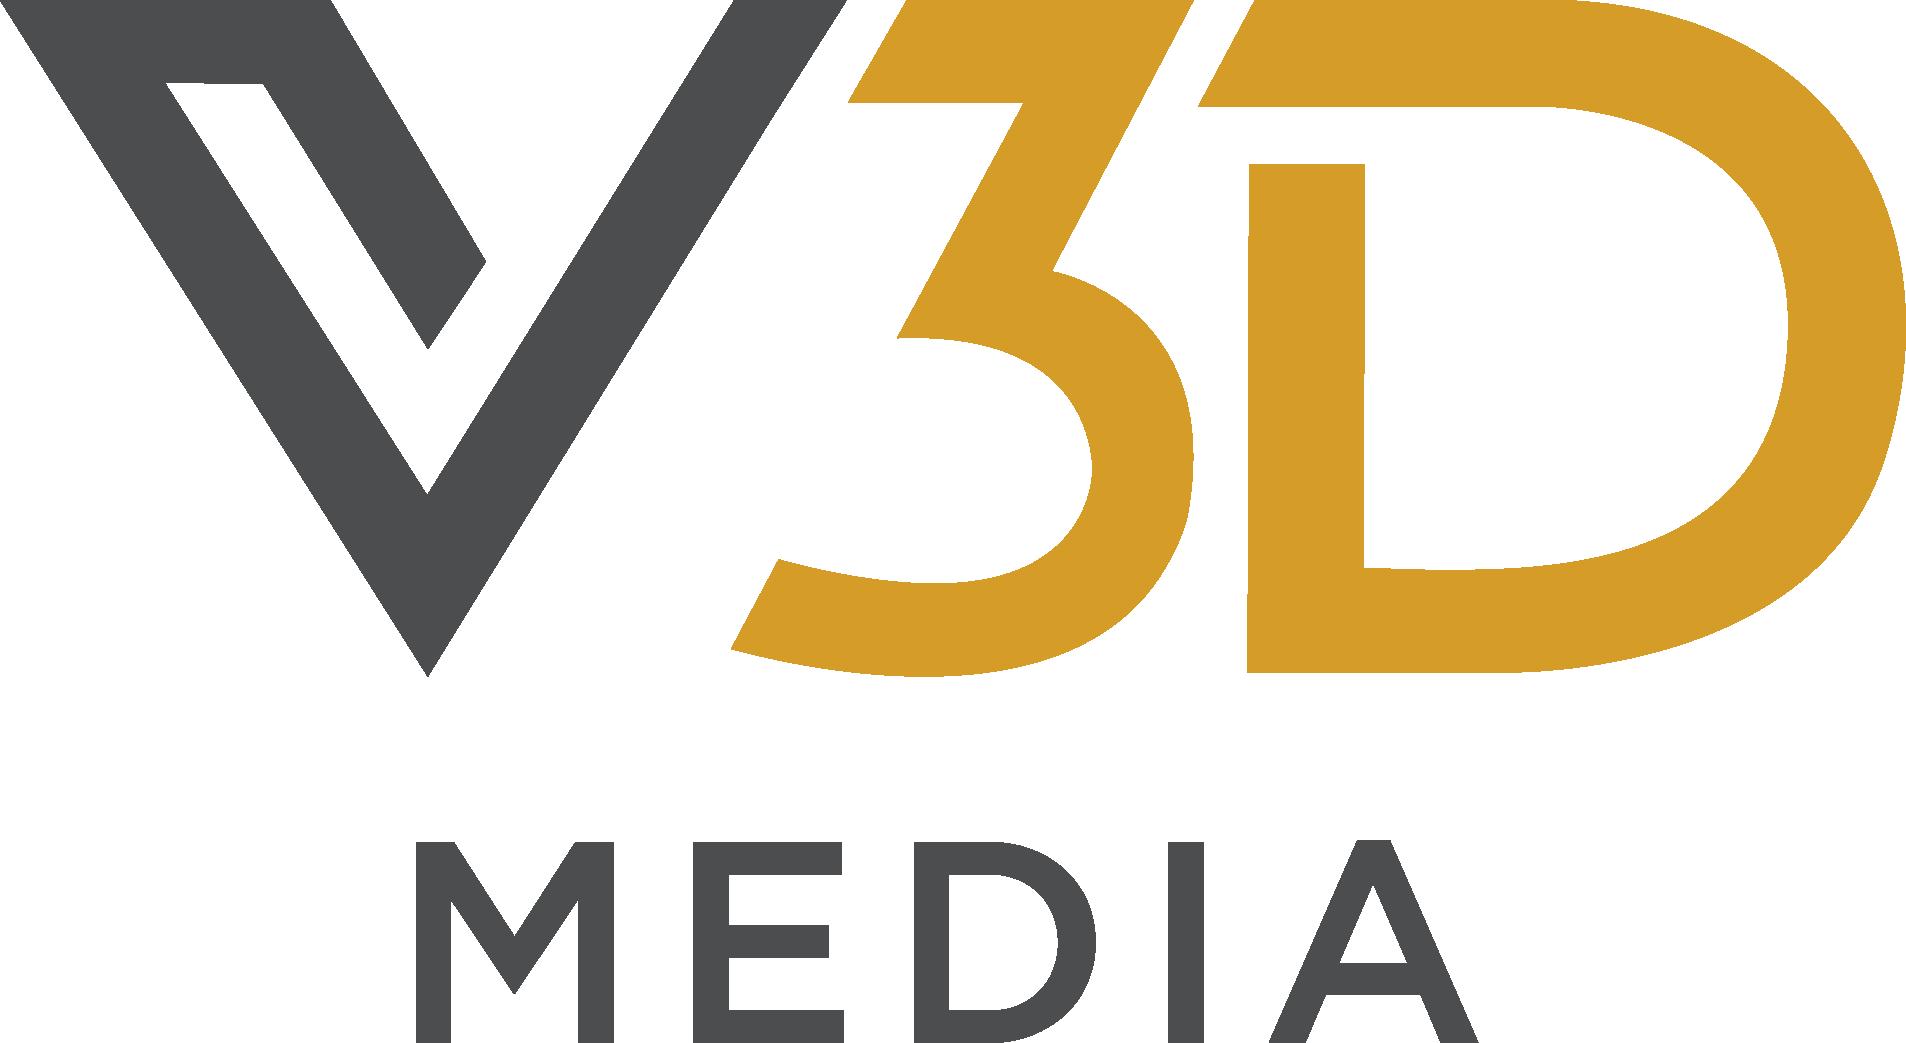 v3d_logo_main.png